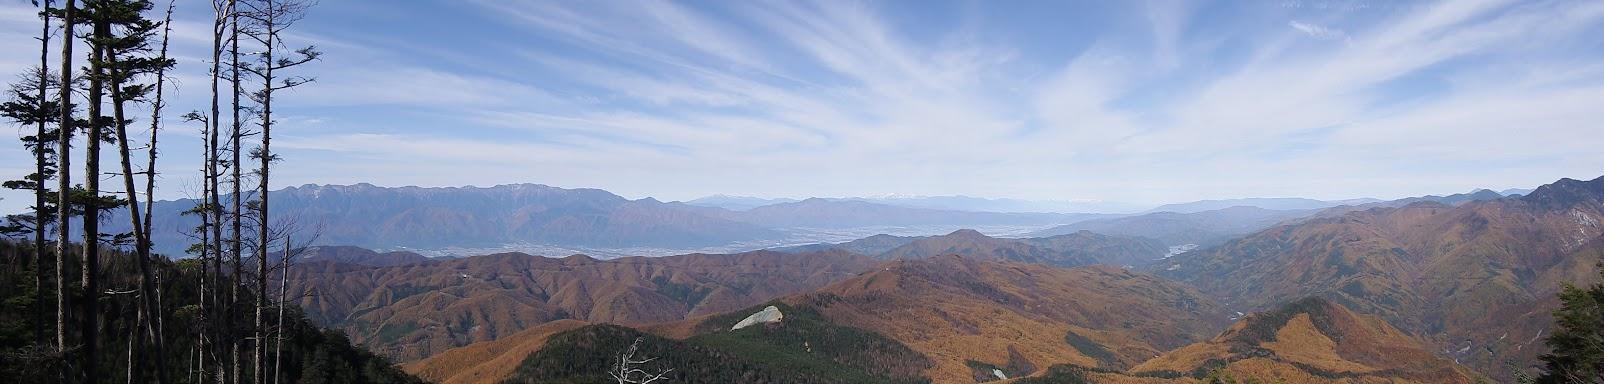 二児山からパノラマ